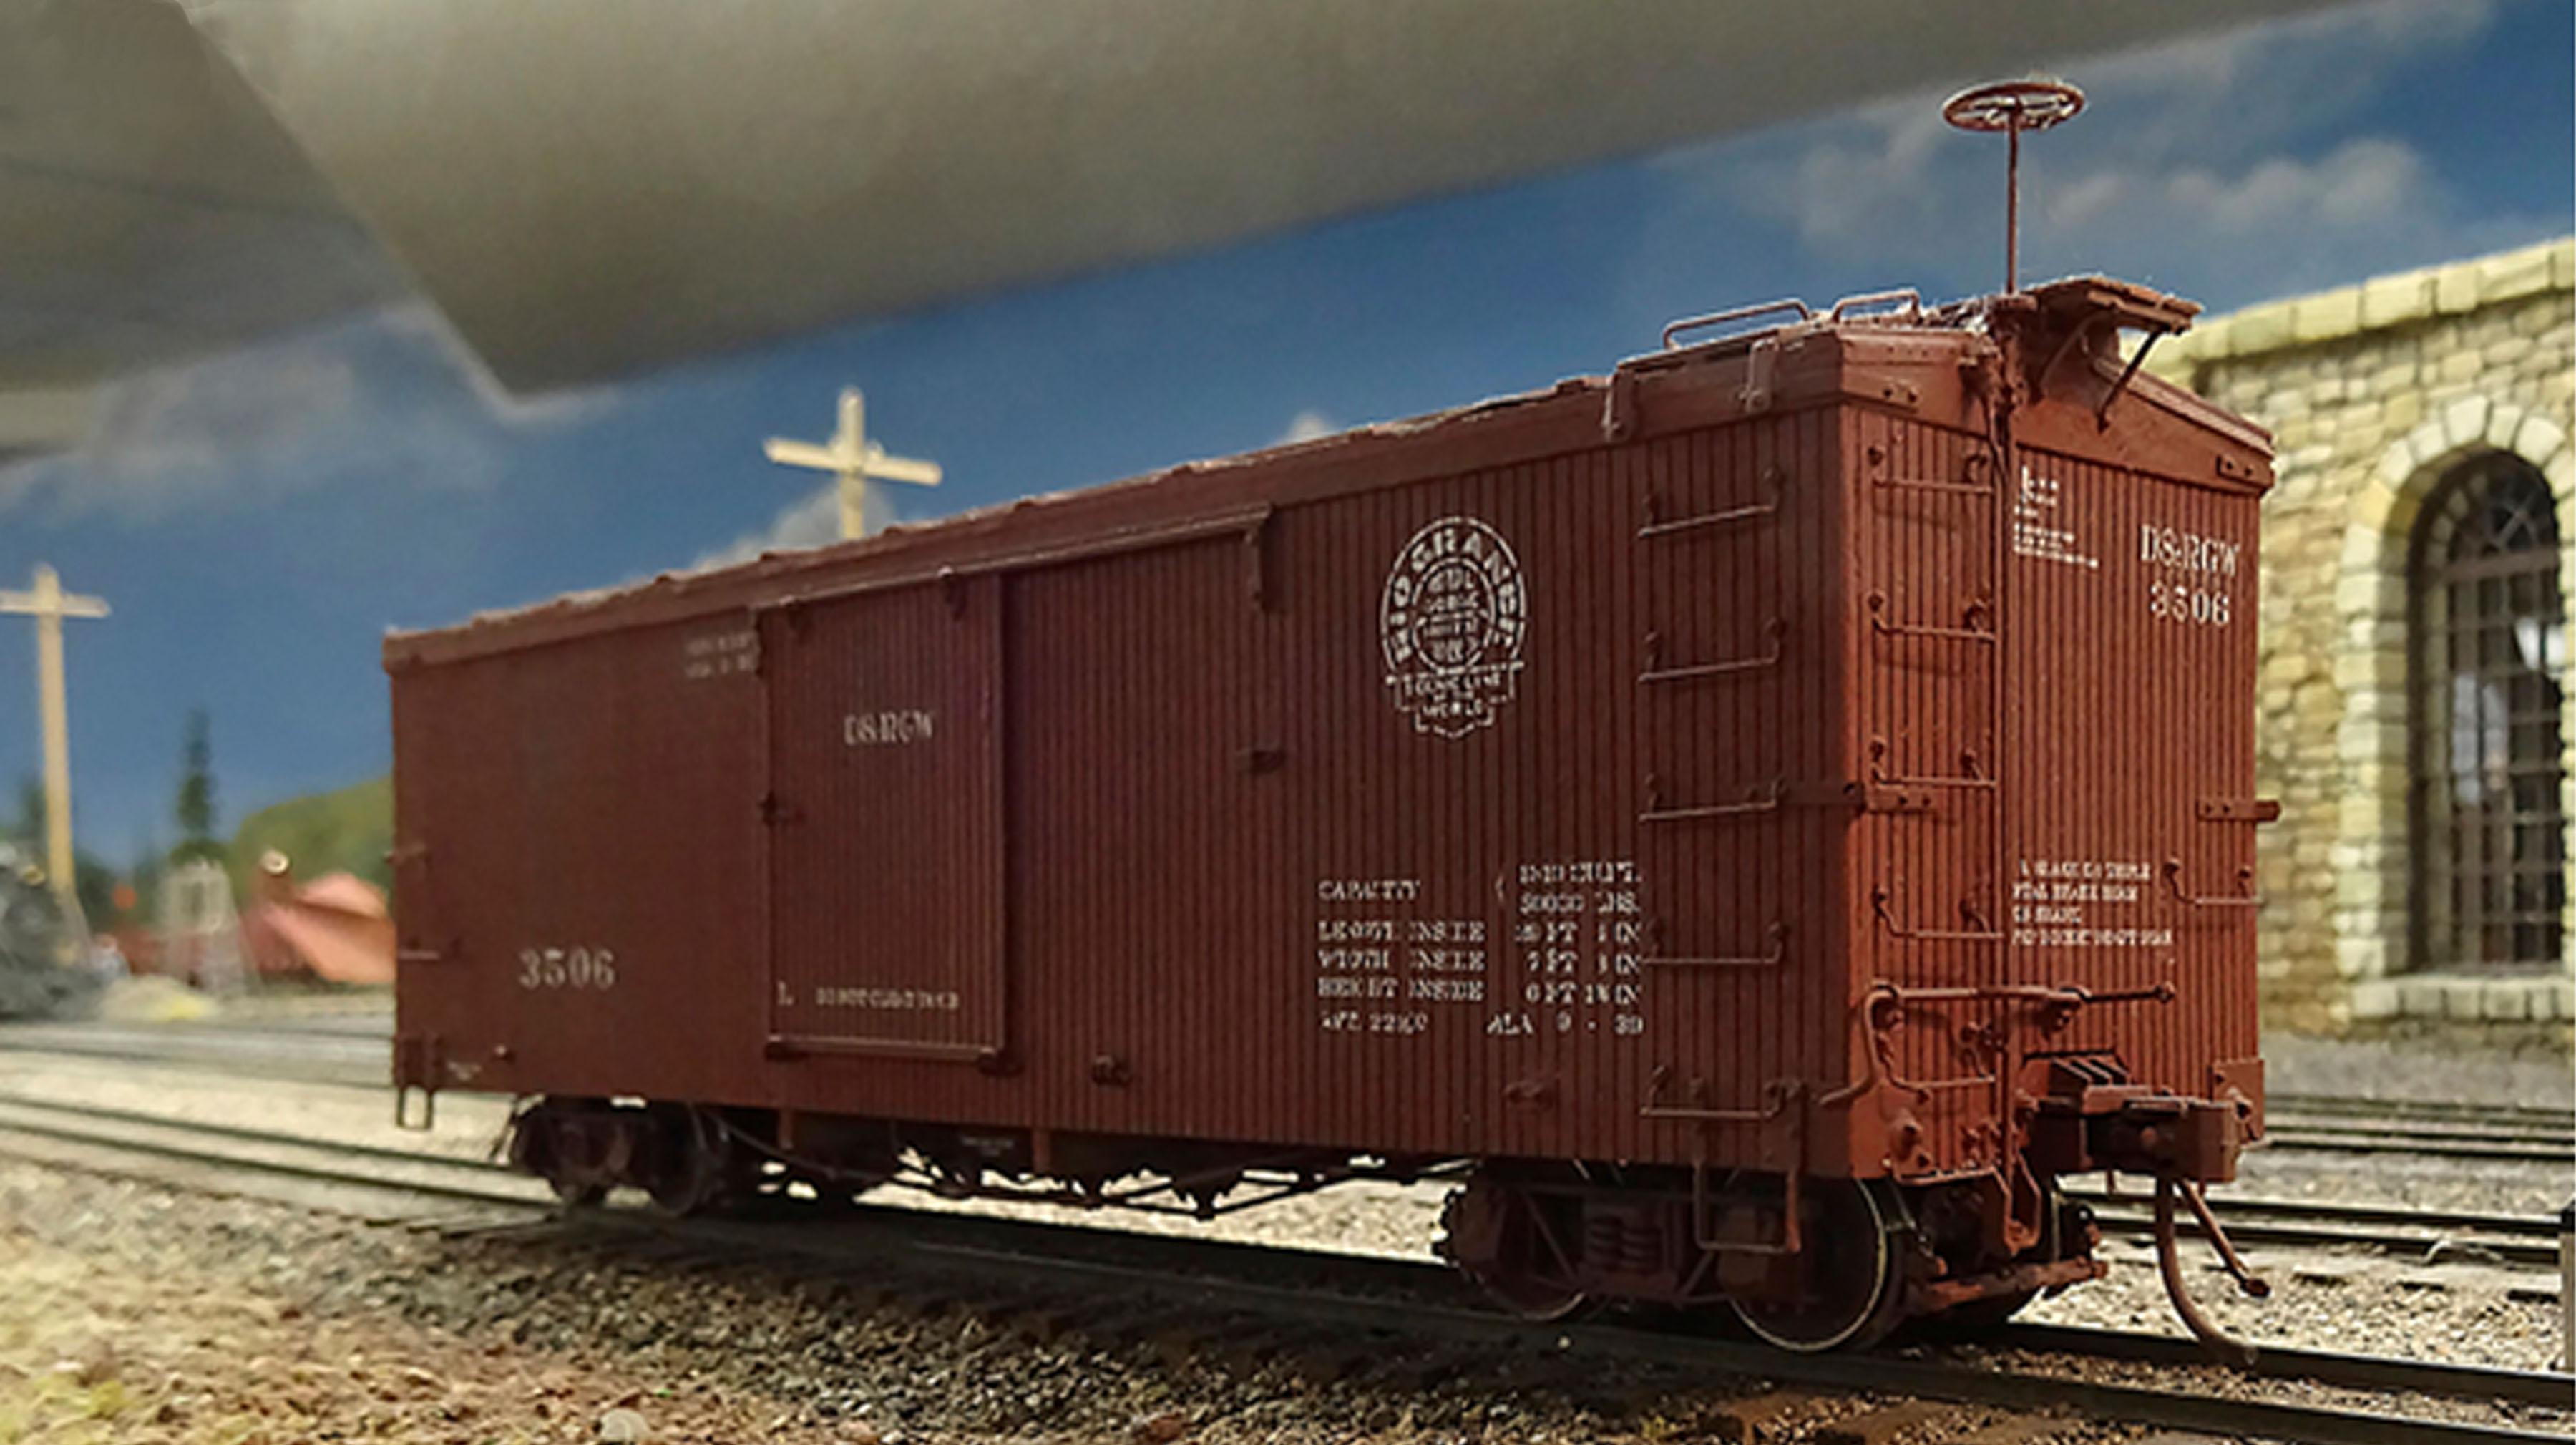 lex-drgw-boxcar-1.jpg